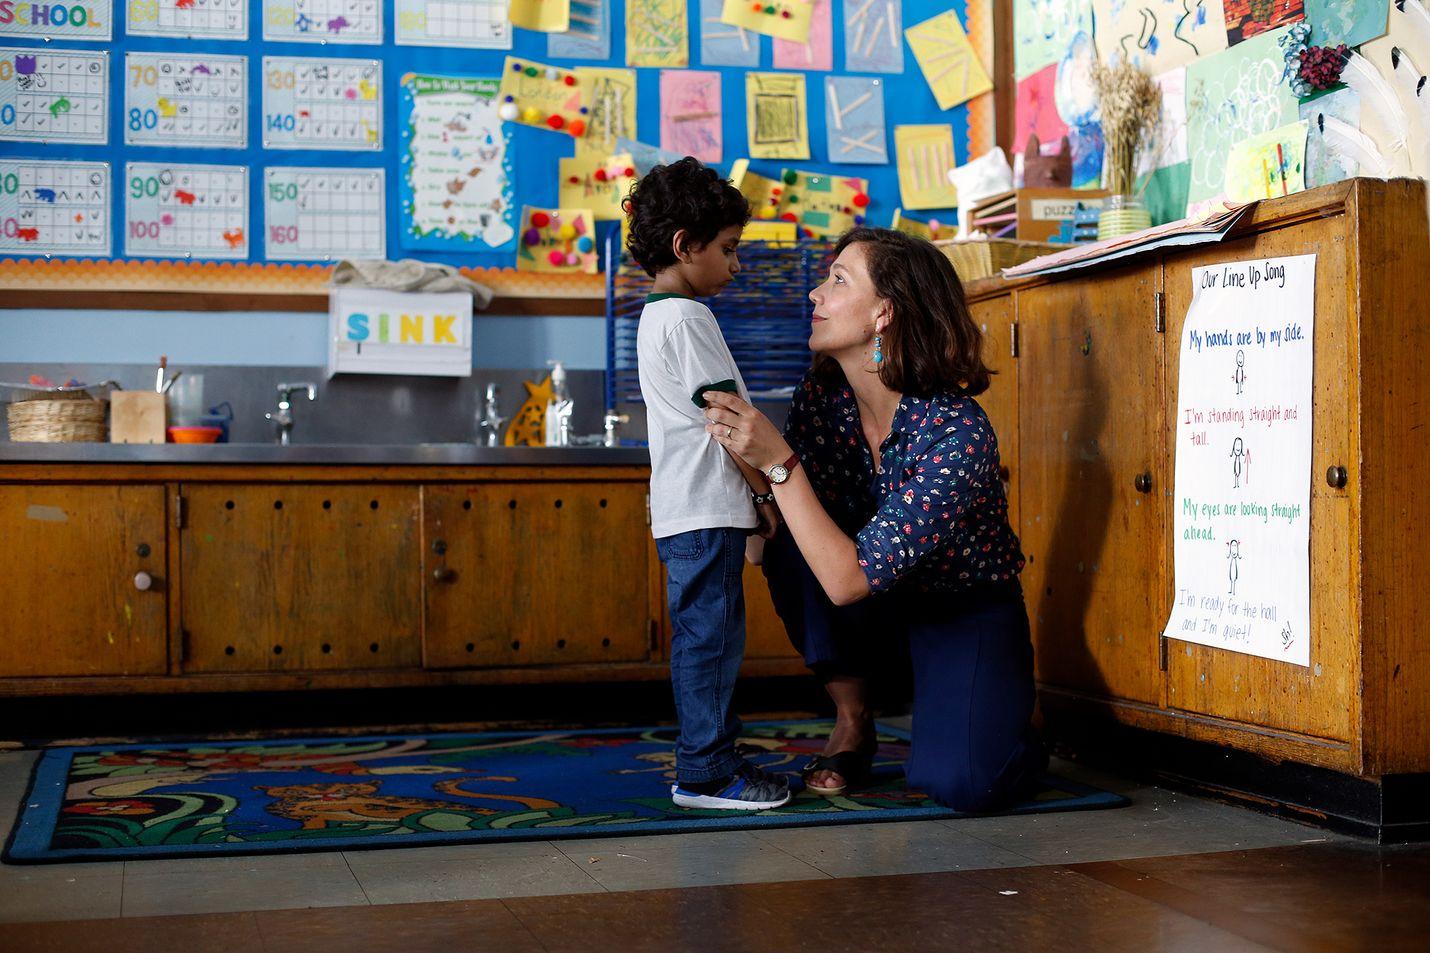 Lastentarhan opettaja Lisa löytää 5-vuotiaasta Jimmystä runoilijan alun ja on pian valmis äärimmäisiin keinoihin varjellakseen pojan neroutta.